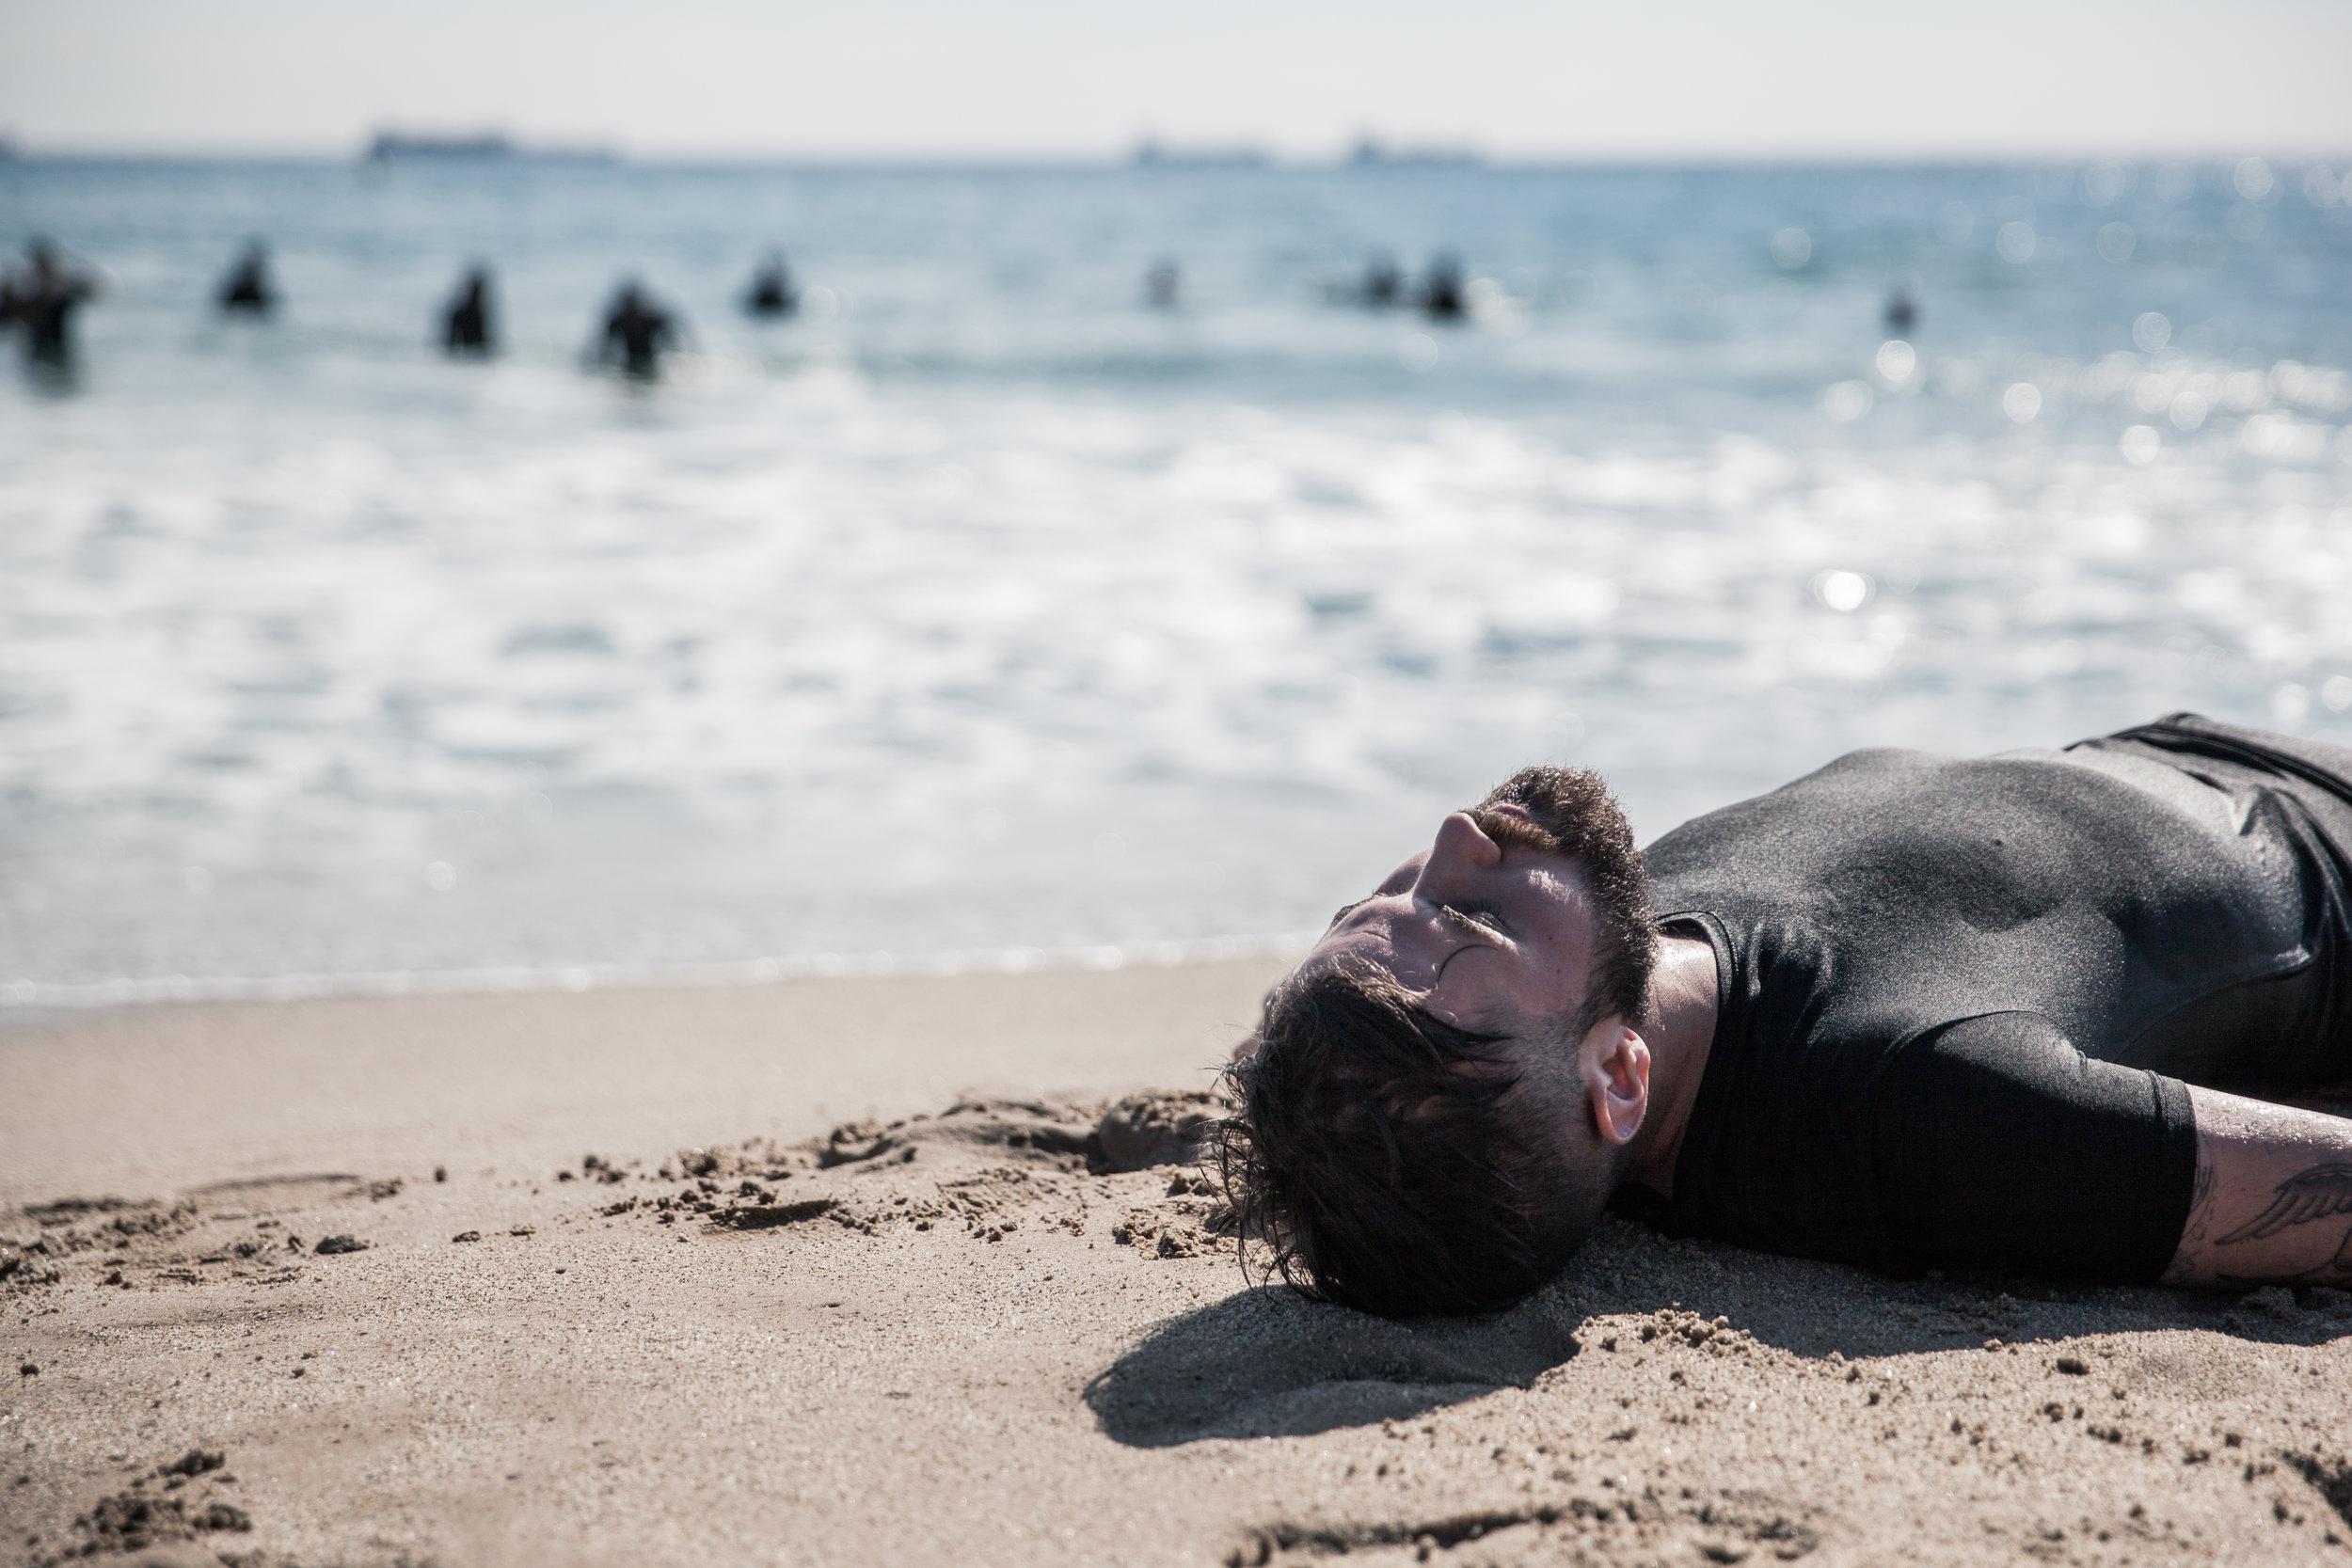 El artista    Abel Azcona    retratado en una de las playas del    Mar Mediterráneo    como    Tarragona   ,    Marsella    o    Palermo    donde realizó la performance El Milagro, la acción crítica con la indiferencia de los países europeos ante la crisis de los refugiados.